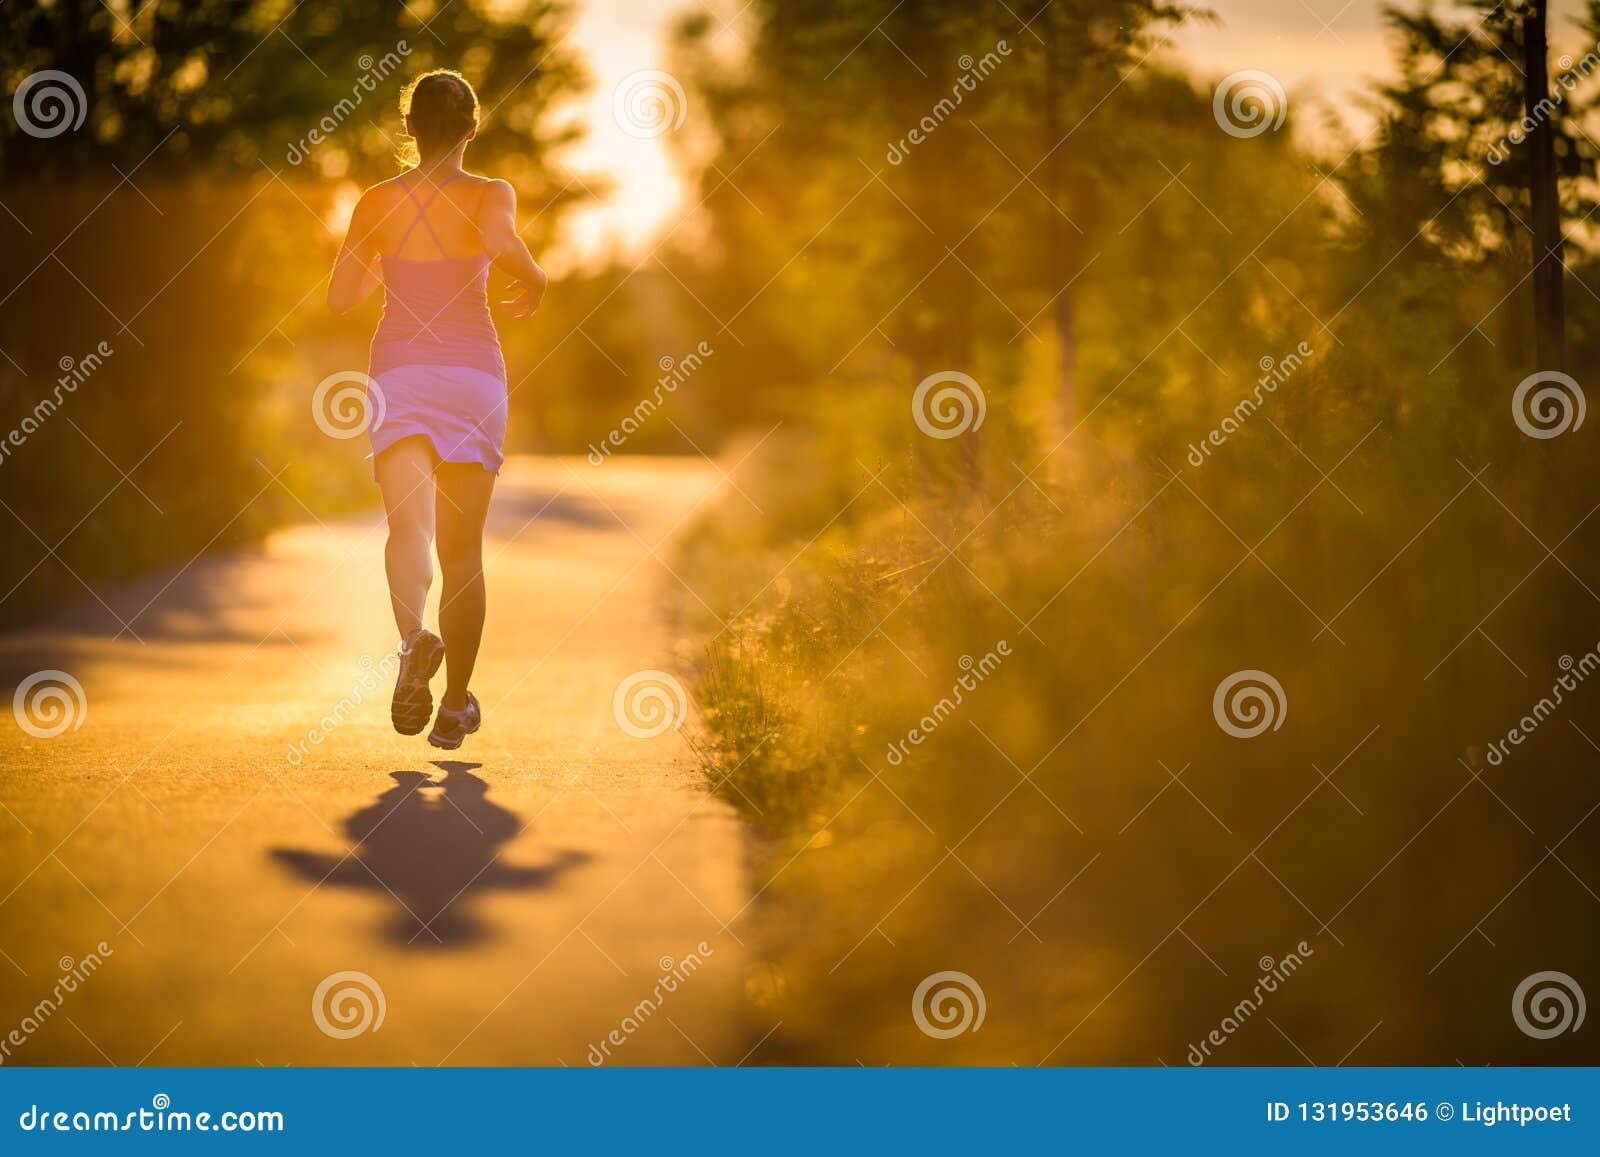 Mujer joven que corre al aire libre en evenis soleados preciosos de un verano